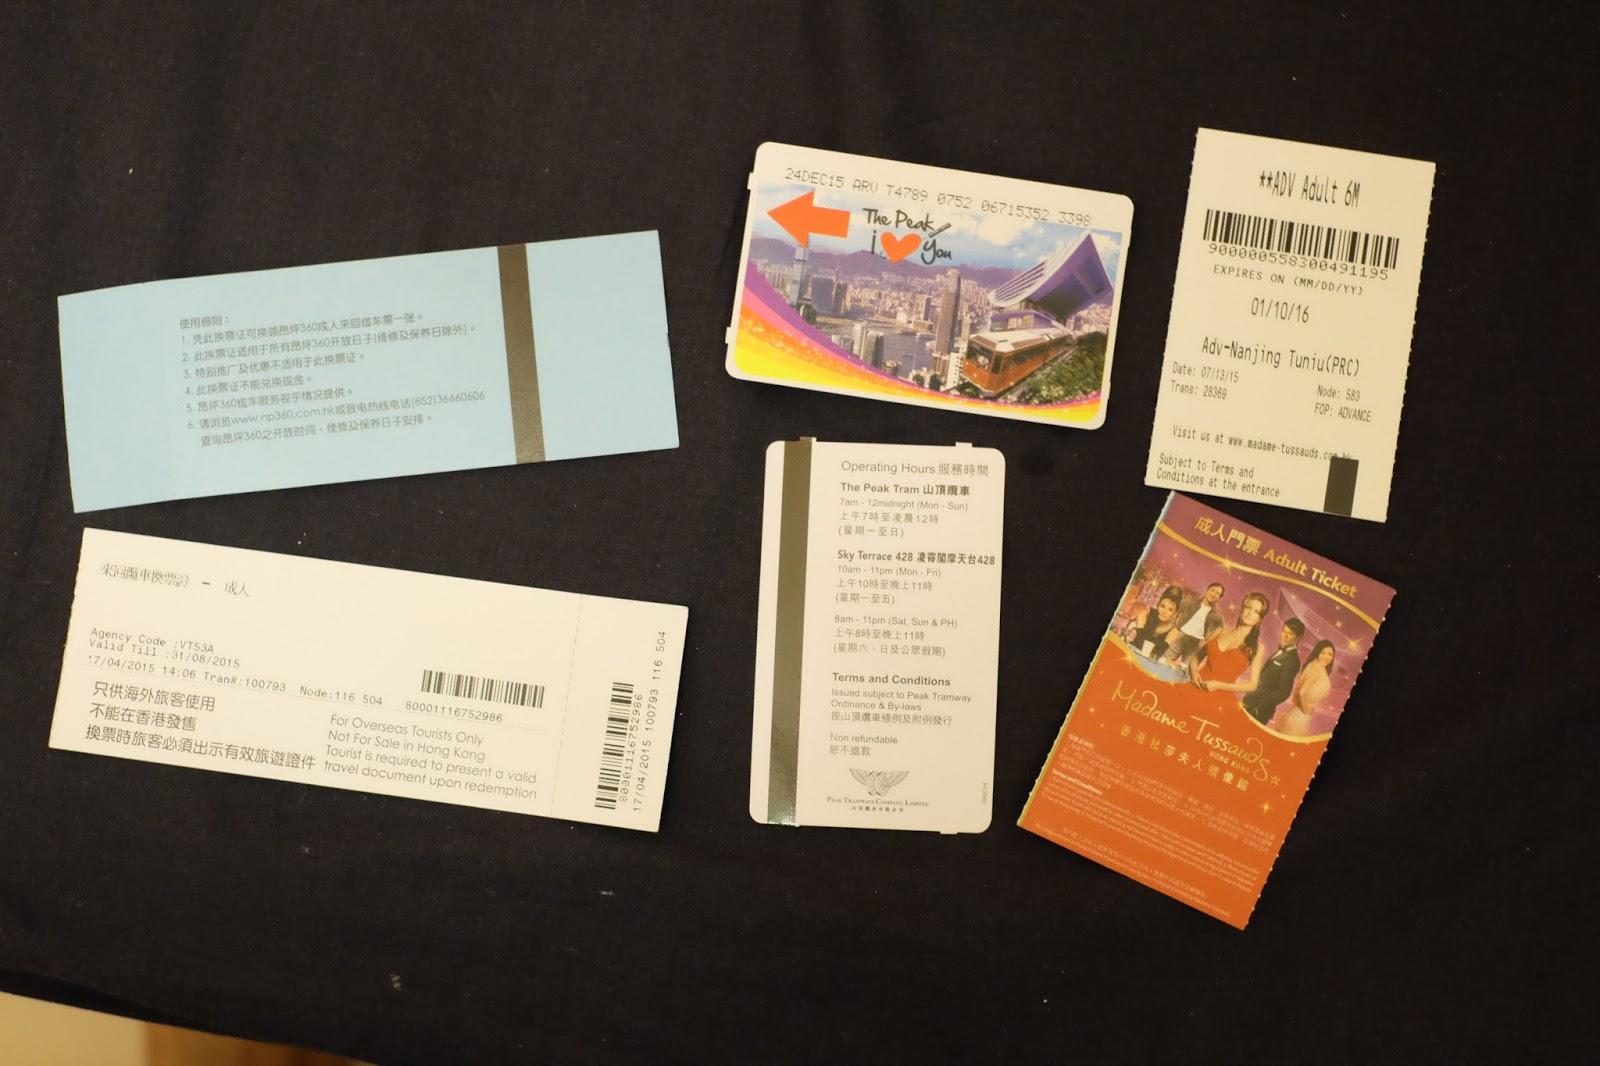 Biaya Liburan 5 Hari di Hong Kong dan Singapura-6 tiket madame tussauds the peak ngong ping 360 cable car golden crown